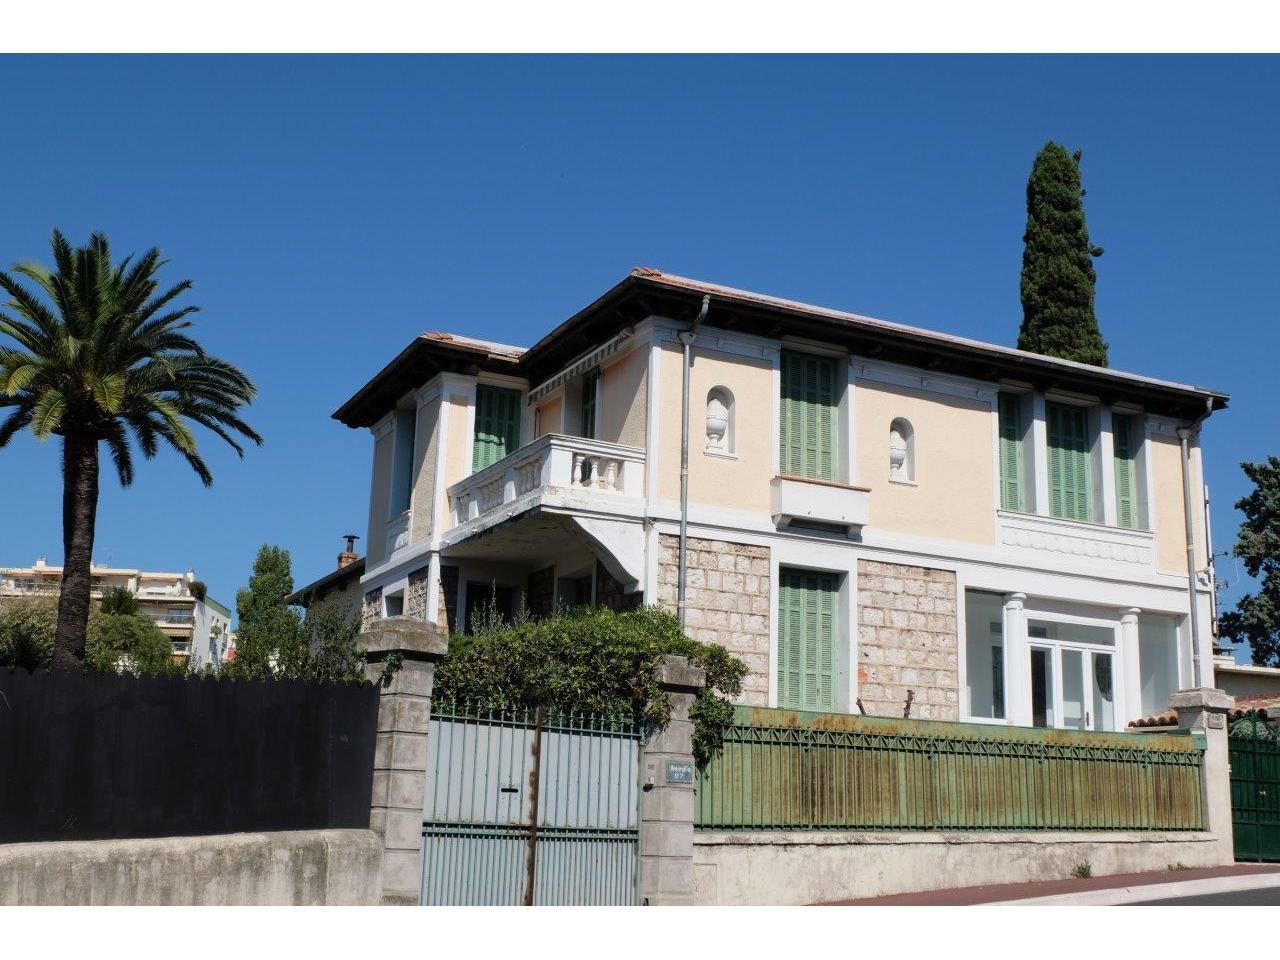 Immobilier nice vue mer Maison Nice Maison 6 pieces a vendre vue mer cimiez -> Roche Bobois A Vendre Nice